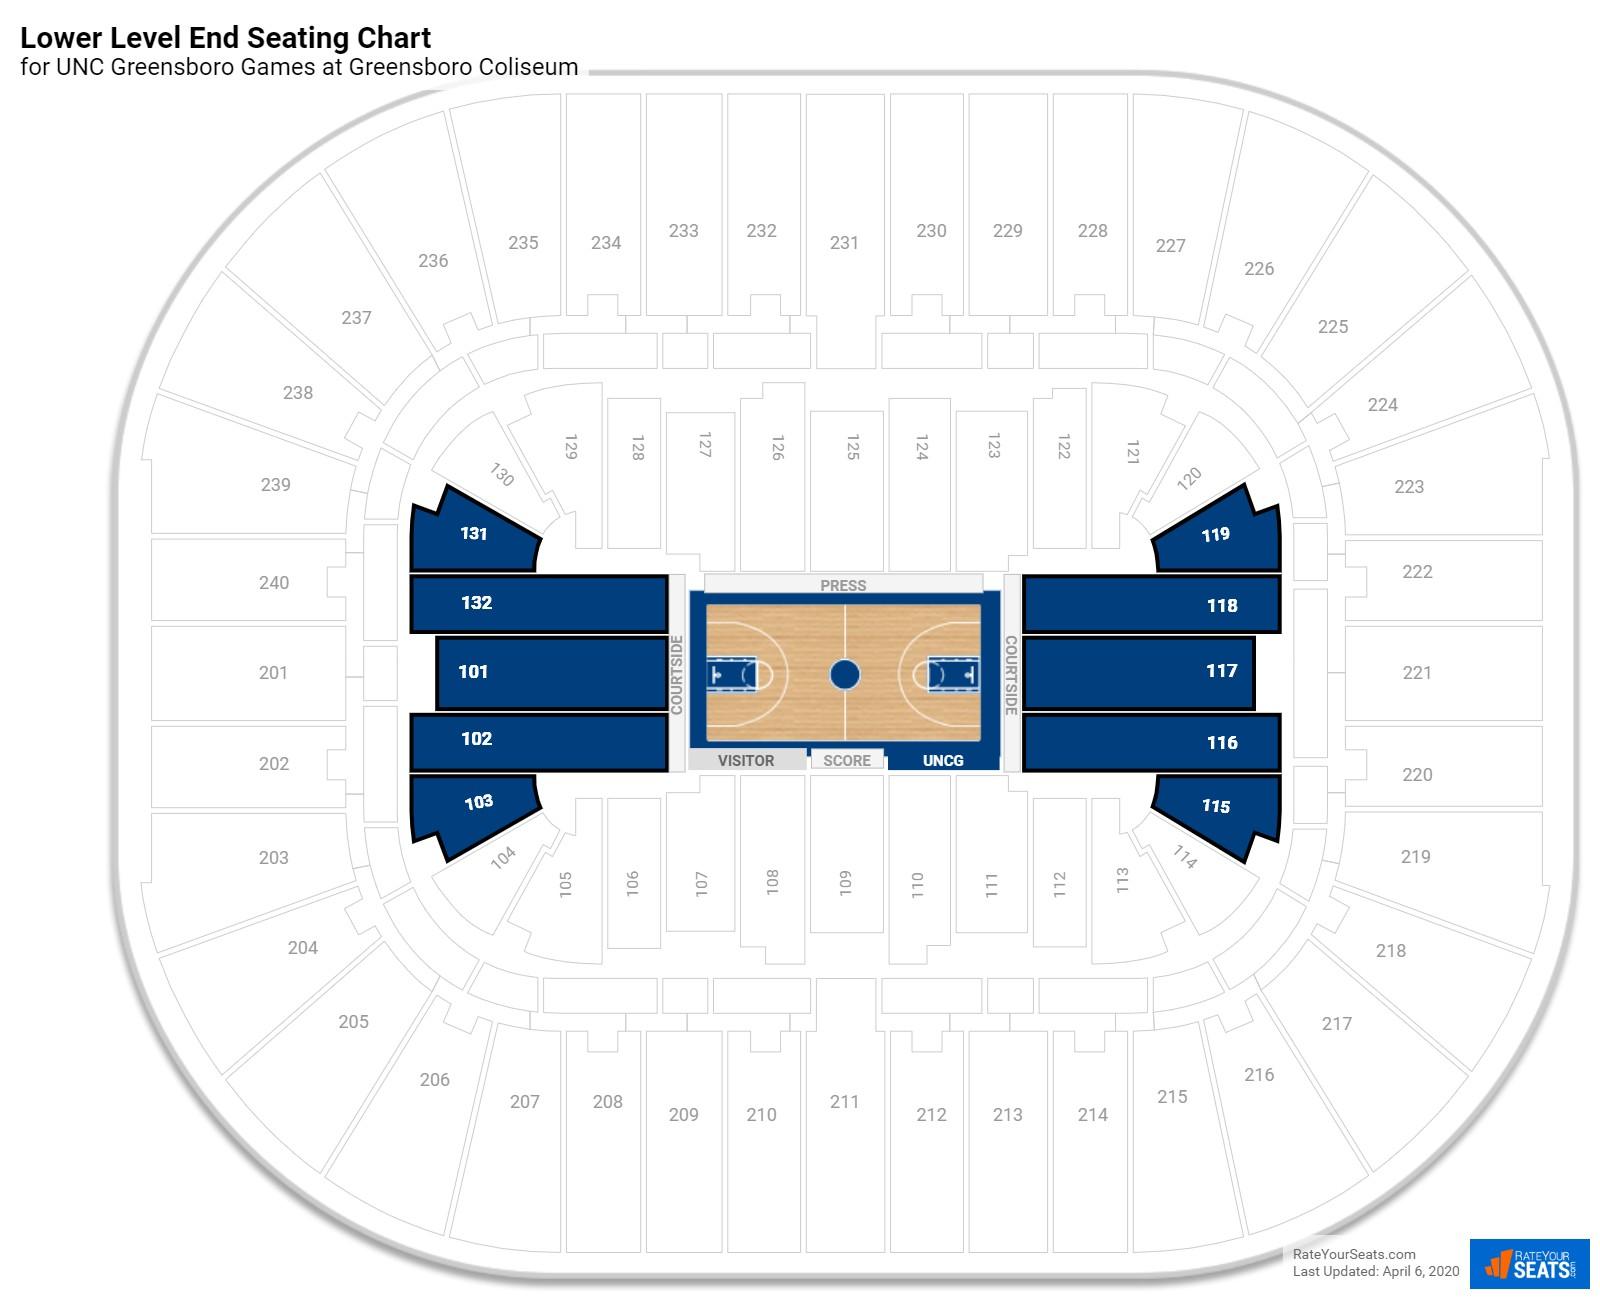 Greensboro Coliseum Unc Greensboro Seating Guide